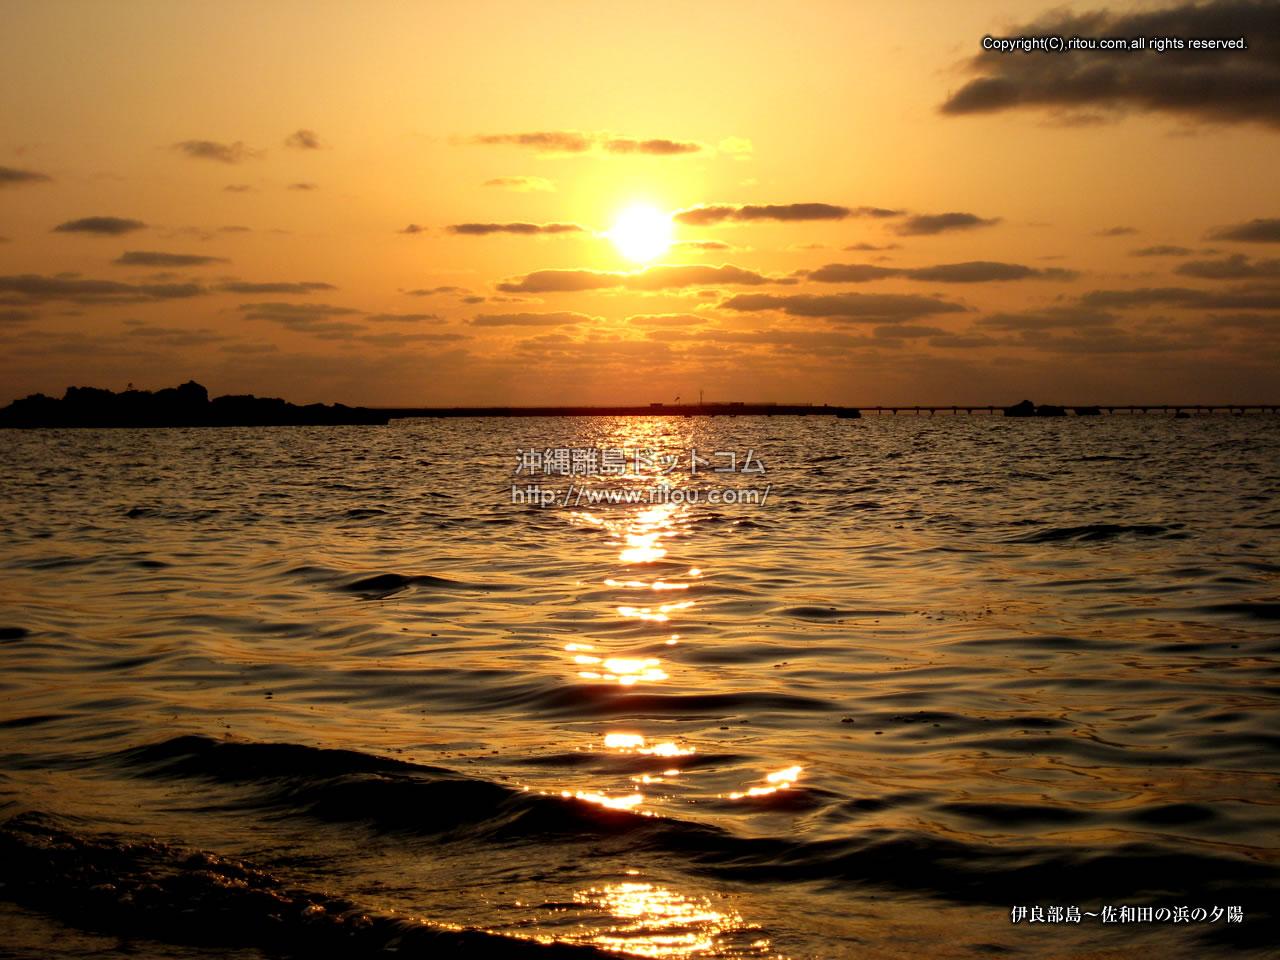 伊良部島〜佐和田の浜の夕陽